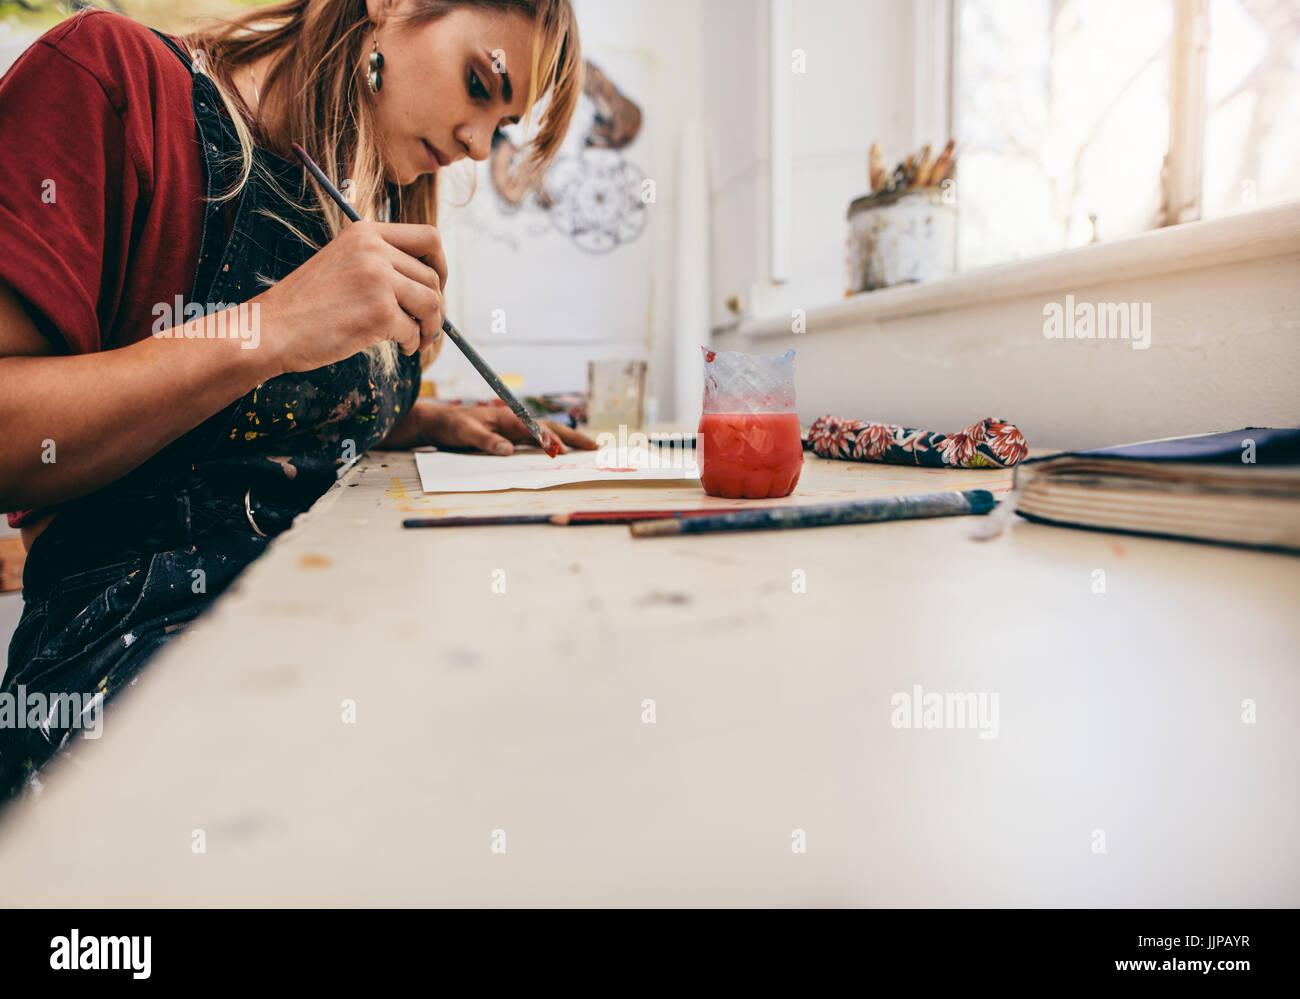 Immagine di donna bellissima foto di disegno nella sua officina. Artista femminile dipinto nel suo studio. Immagini Stock